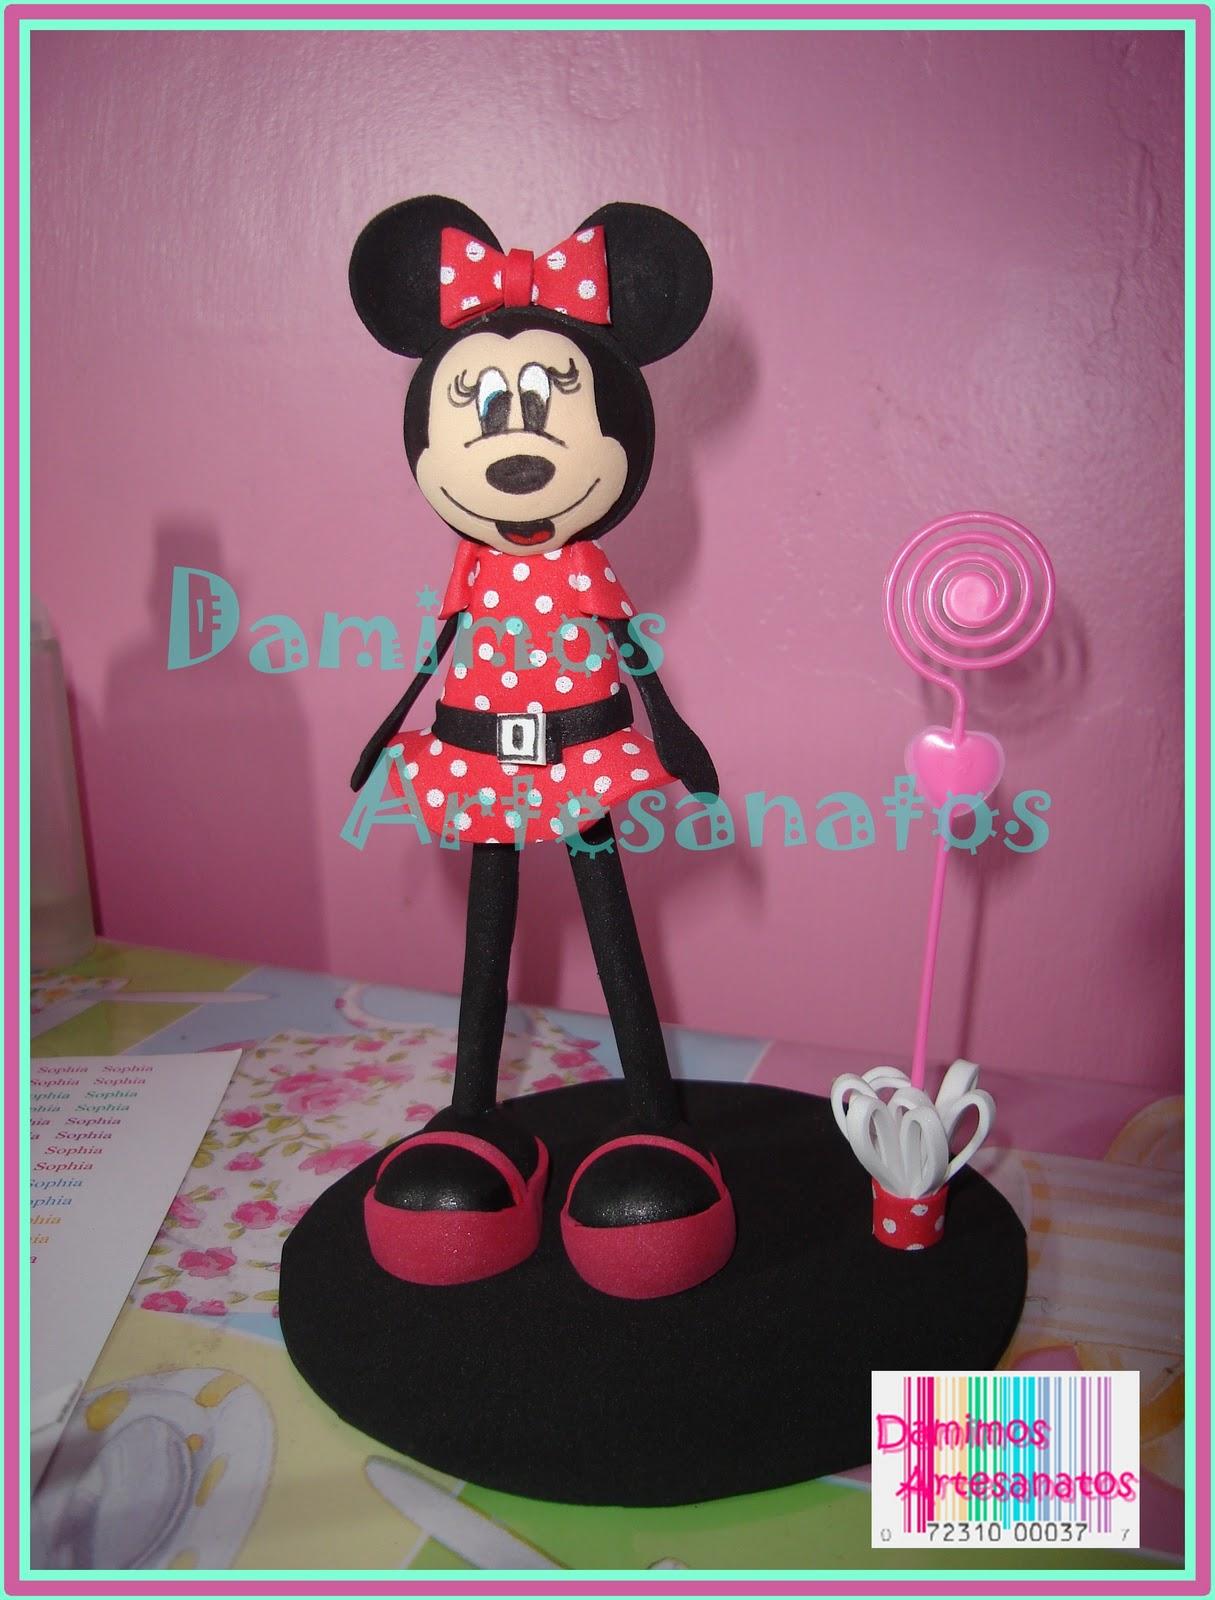 Artesanato Reciclavel Facil ~ DAMIMOS ARTESANATOS Torcedor do Xavante e Minnie Mouse